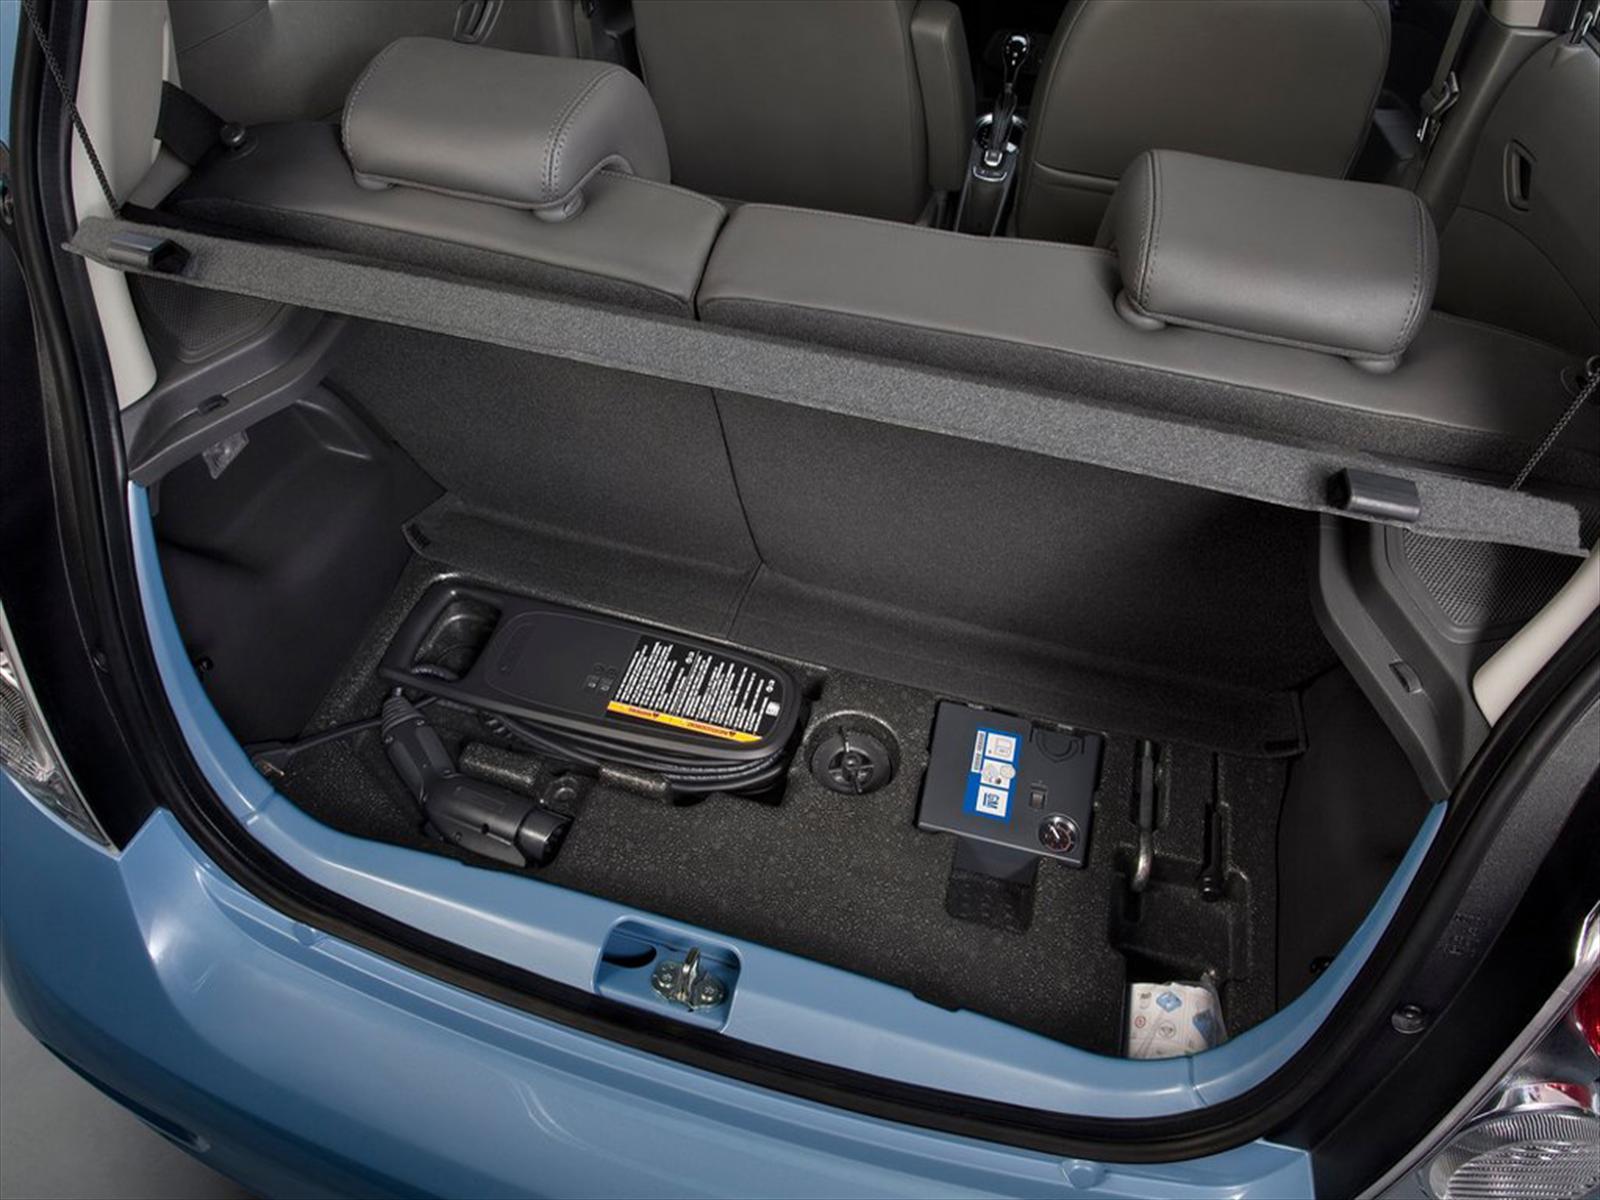 Top 10: Chevrolet Spark EV 2013 - Autocosmos.com